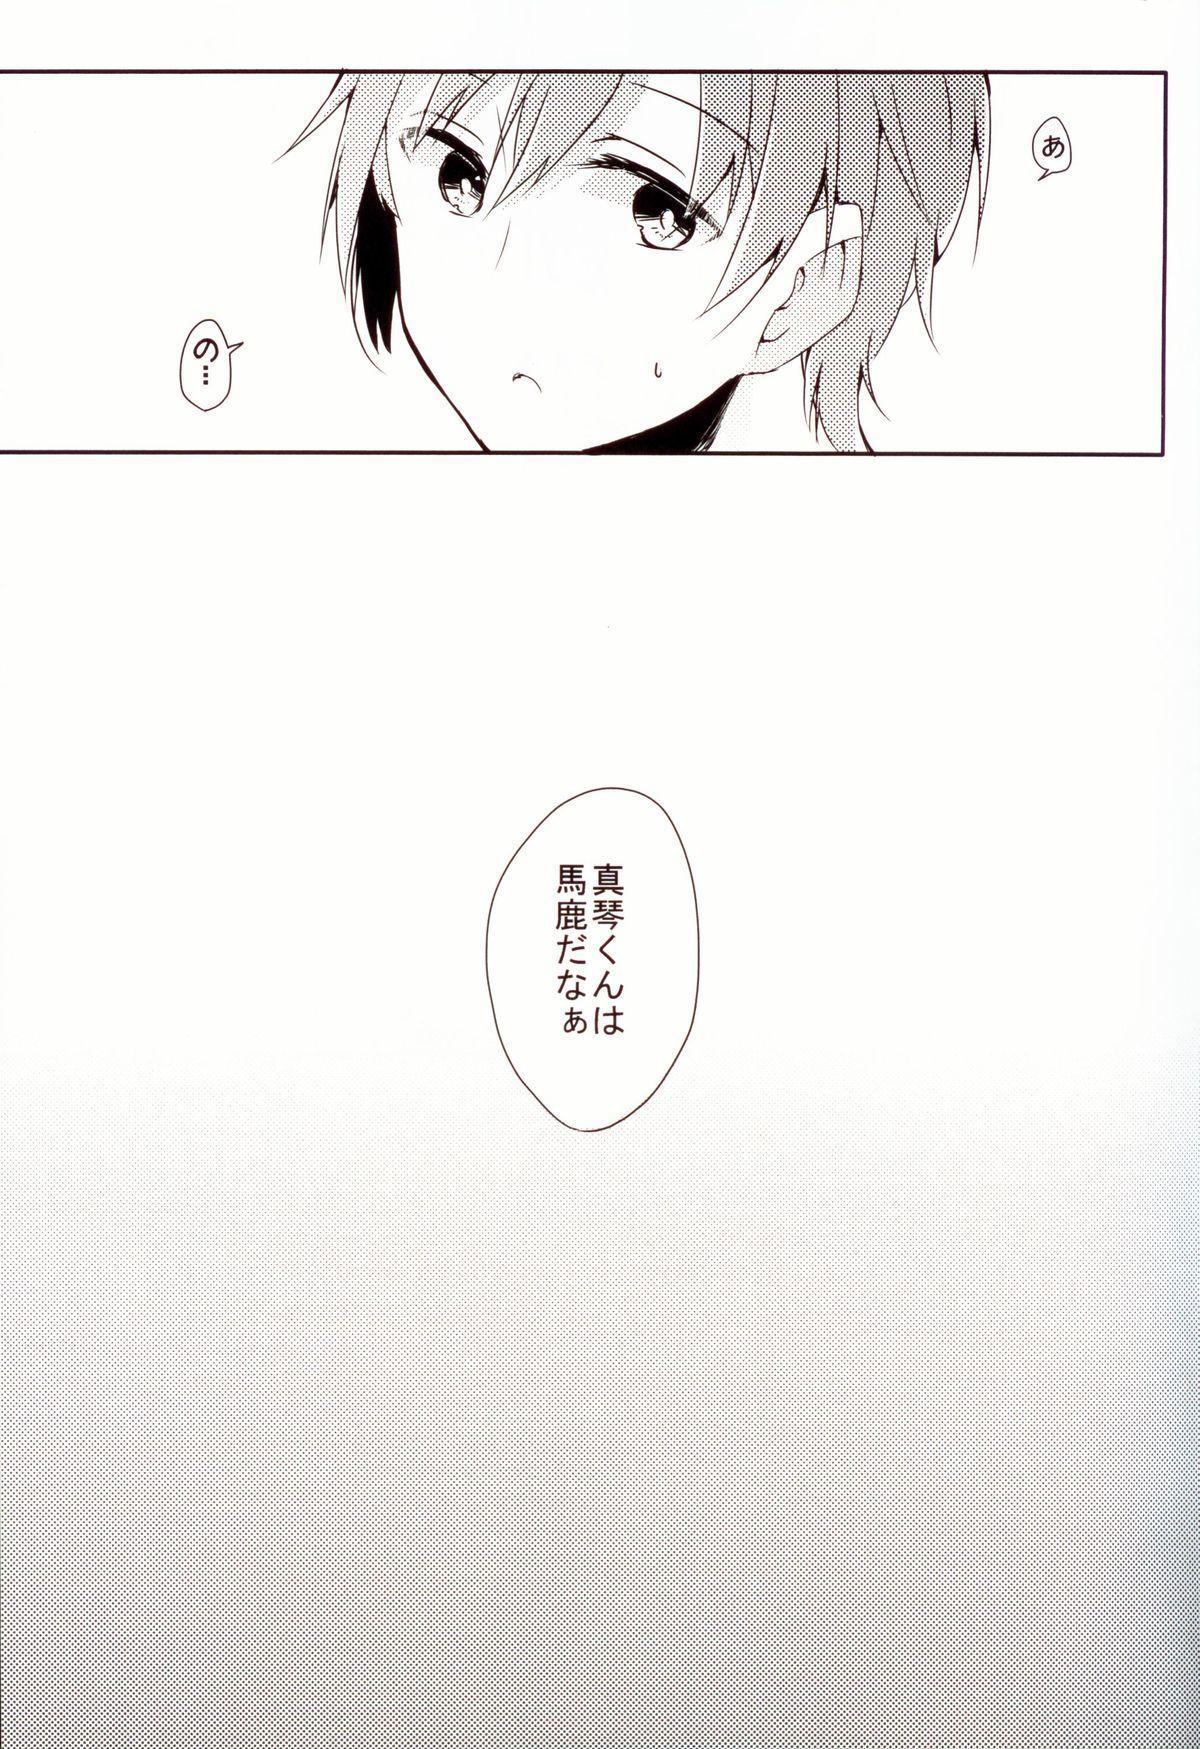 Makoto-chan o doro doro ni suru hon 5